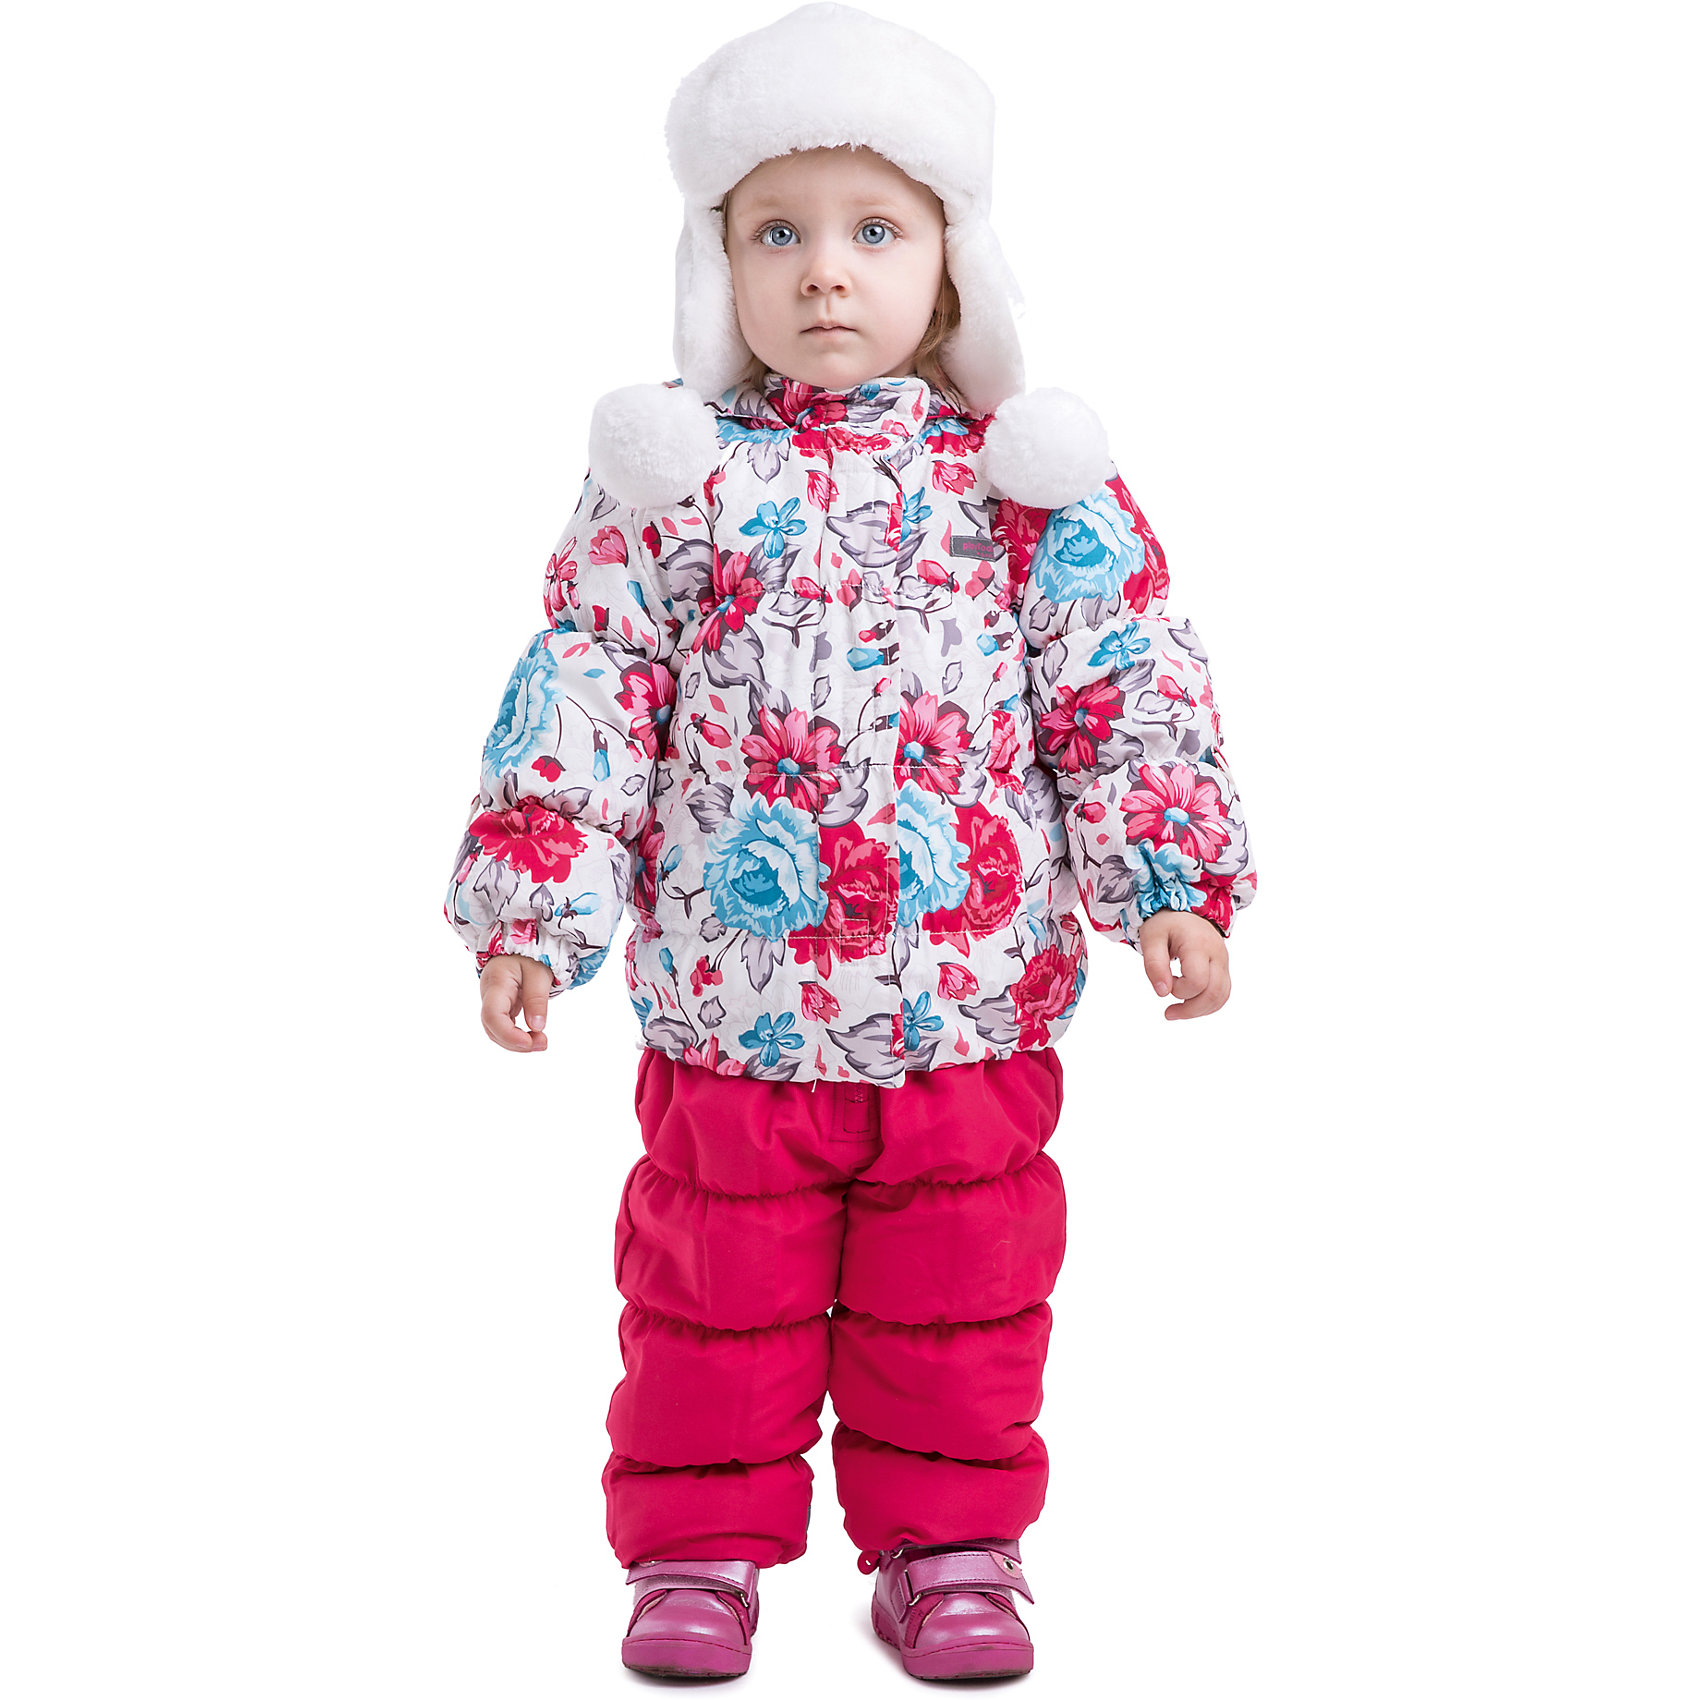 Комплект: куртка и полукомбинезон для девочки PlayTodayКомплект: куртка и полукомбинезон для девочки PlayToday Комплект из куртки и полукомбинезона на холодную погоду из непромокаемой ткани. Дополнительно утеплен велюровой подкладкой. Капюшон отстёгивается. Карманы на липучках. Удобная молния, дополнительные застежки-липучки на куртке. Также есть дополнительная защита от ветра и снега как в спортивных куртках. Низ утягивается стопперами. Дополнительная трикотажная резинка на рукавах. Есть светоотражатели и специальные нашивки, чтобы можно было подписать владельца. Состав: Верх: 100% полиэстер, подкладка: 80% хлопок, 20% полиэстер, Утеплитель 100% полиэстер<br><br>Ширина мм: 190<br>Глубина мм: 74<br>Высота мм: 229<br>Вес г: 236<br>Цвет: розовый<br>Возраст от месяцев: 6<br>Возраст до месяцев: 9<br>Пол: Женский<br>Возраст: Детский<br>Размер: 74,92,86,80<br>SKU: 4229330